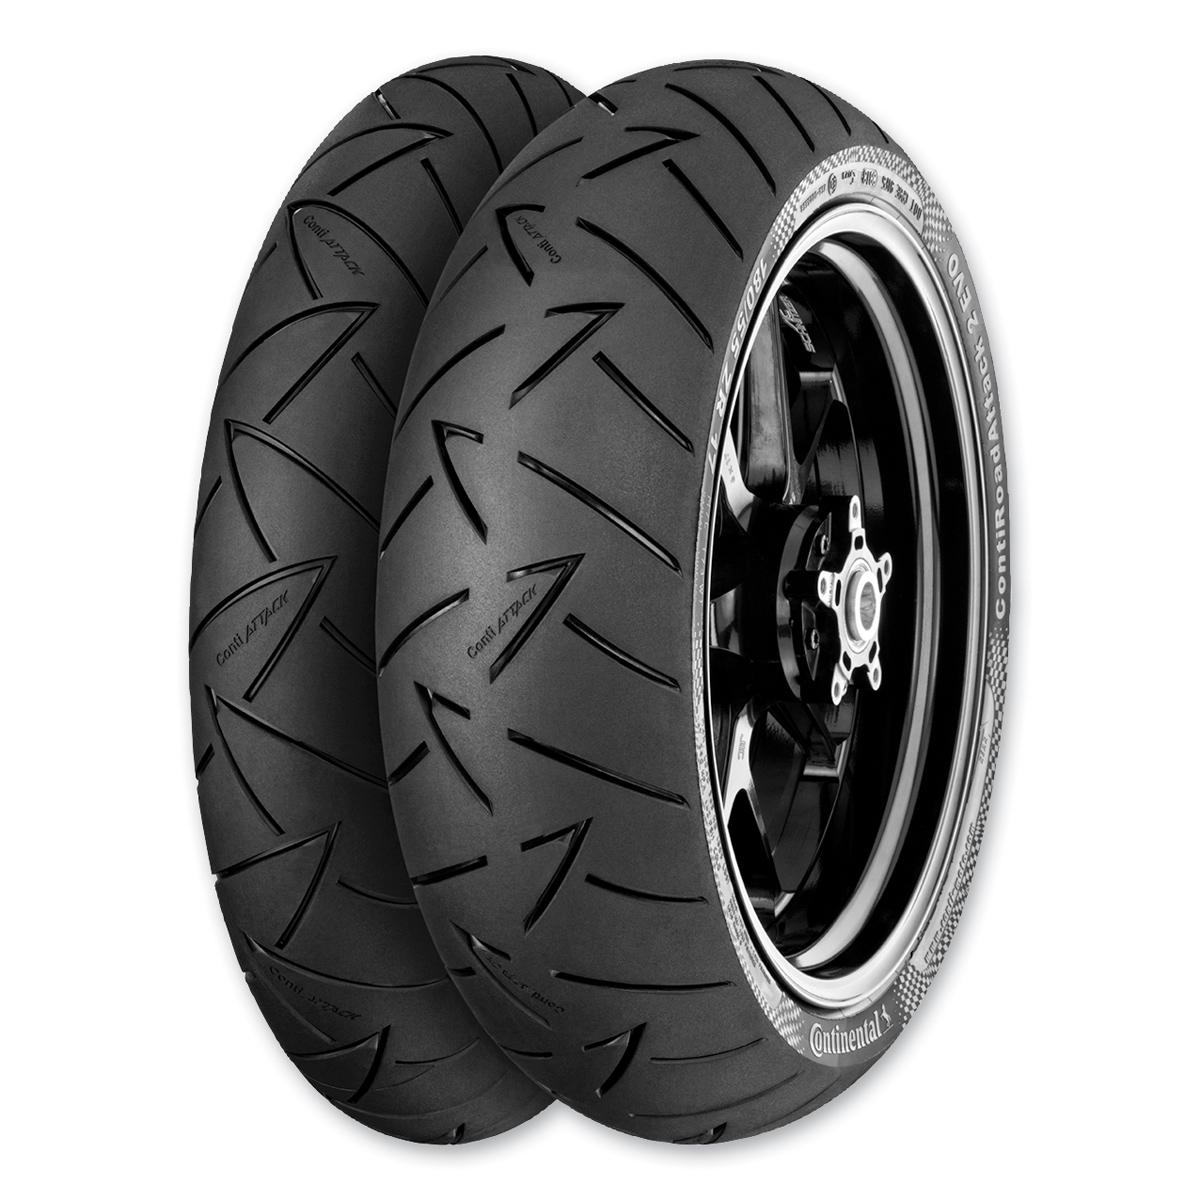 Continental Road Attack EVO 110/80R19 Front Tire